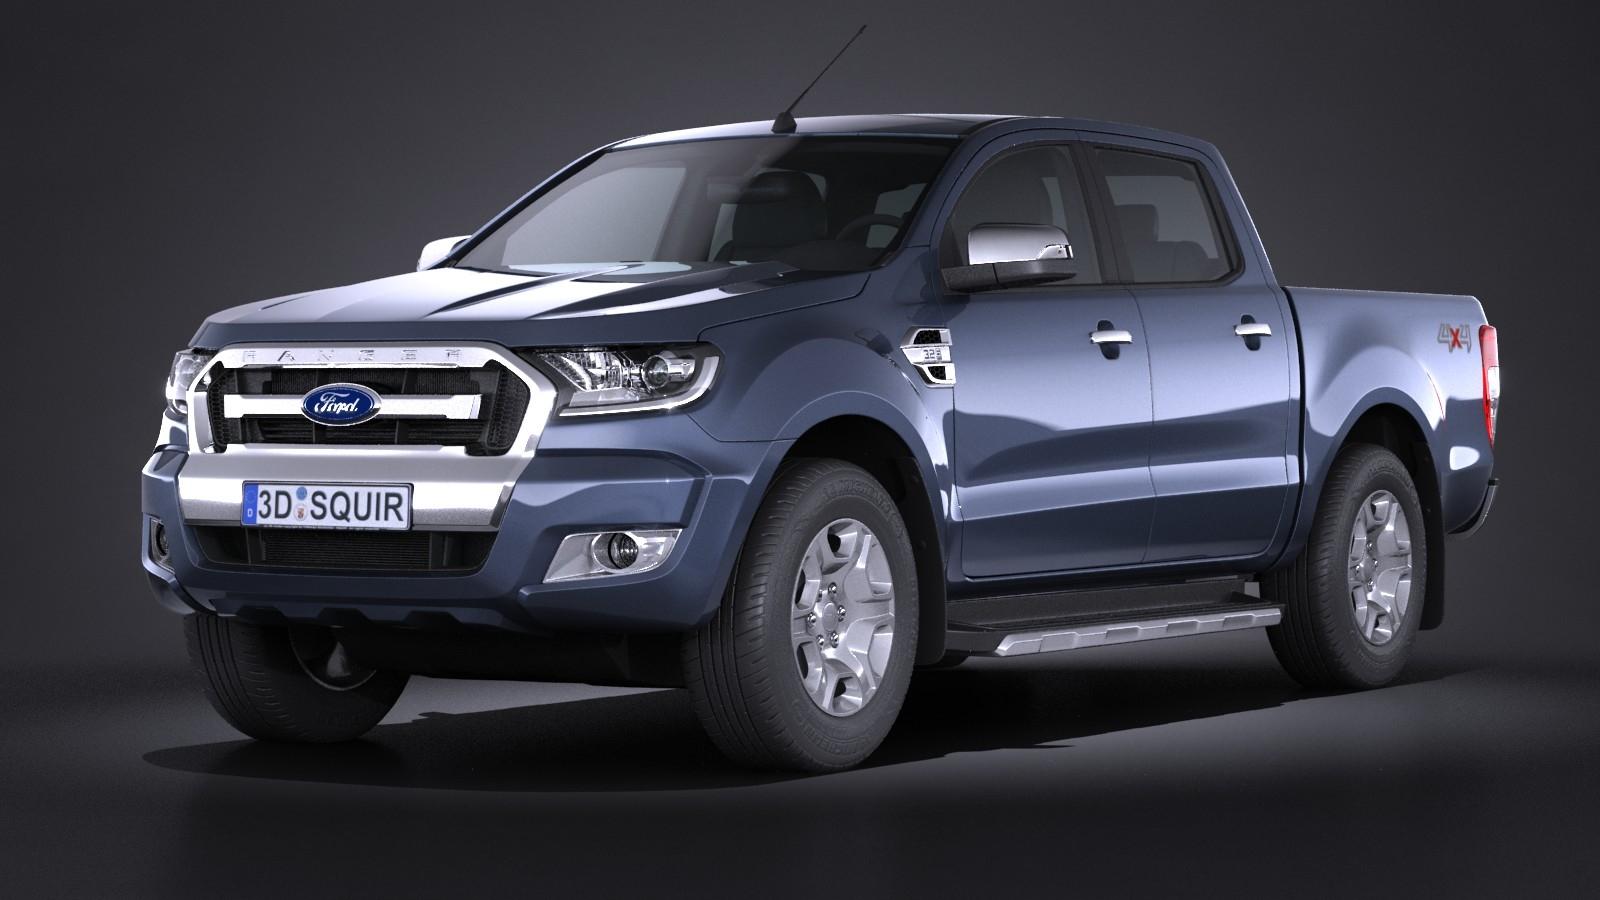 Ford Ranger 2017 >> Ford Ranger 2017